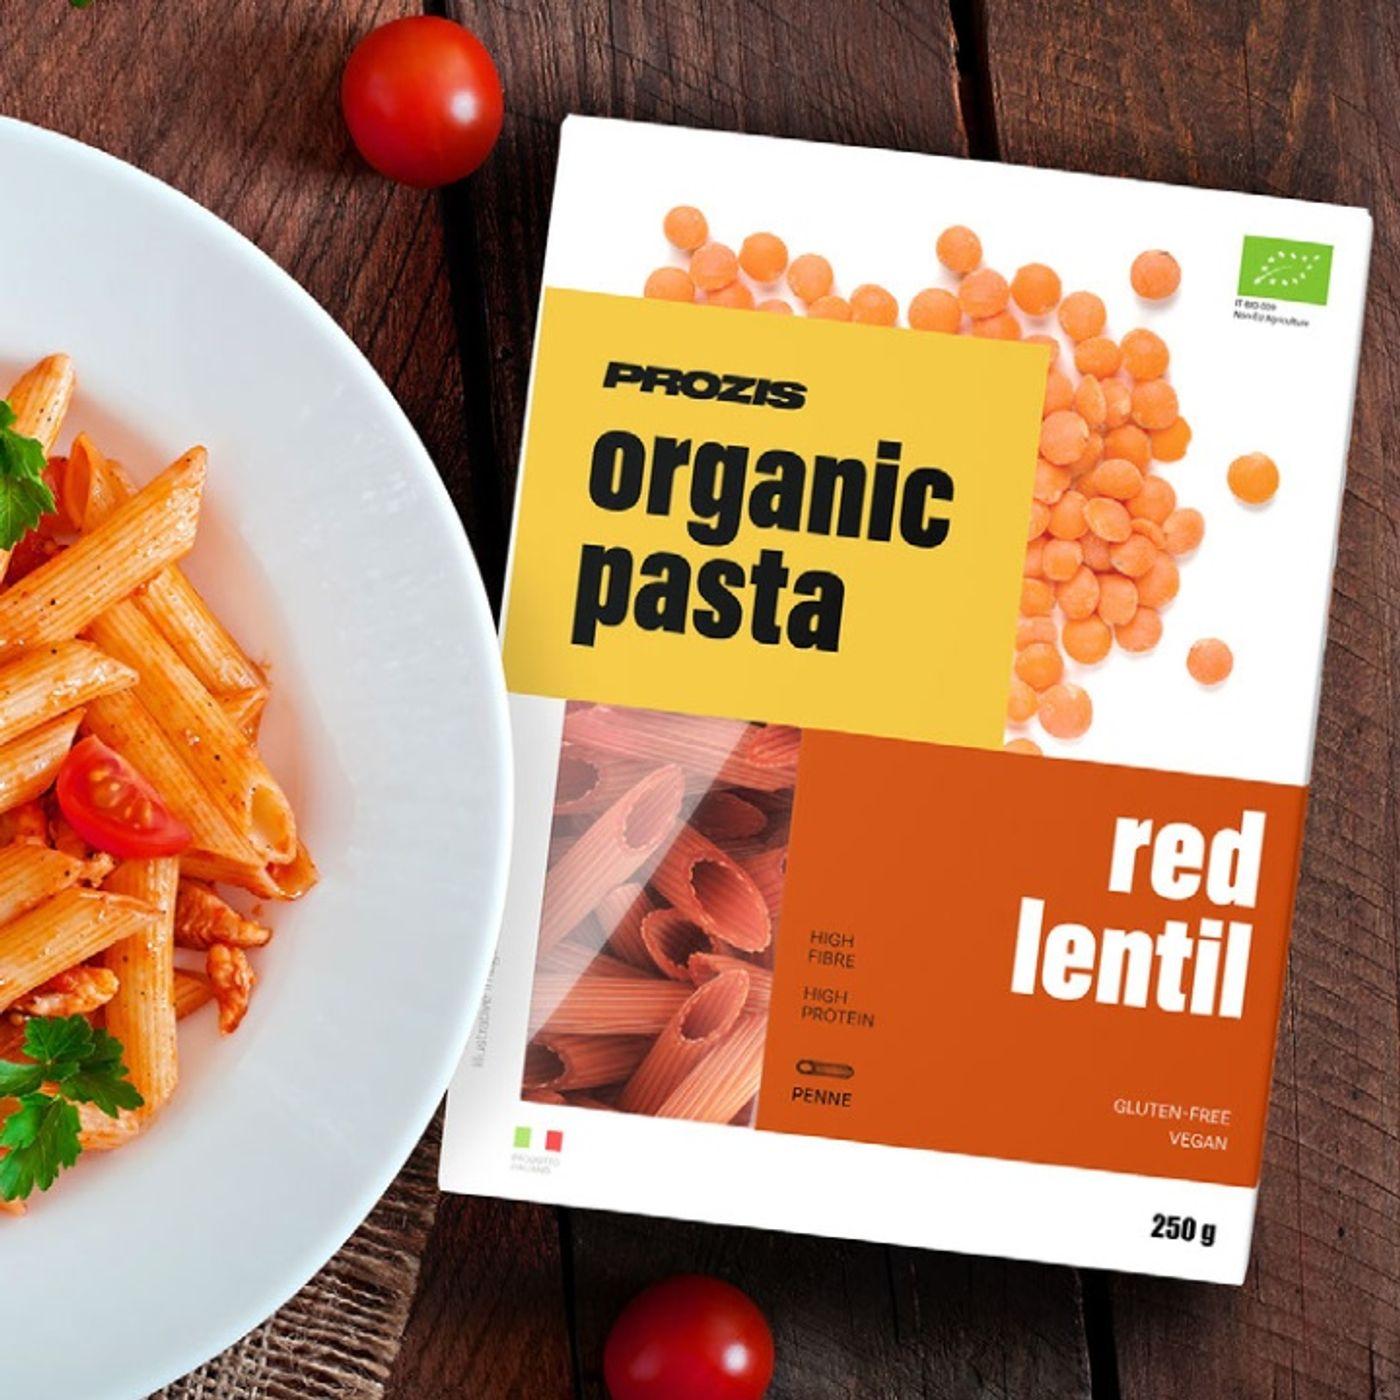 Pasta di legumi - Una valida alternativa ai legumi interi?